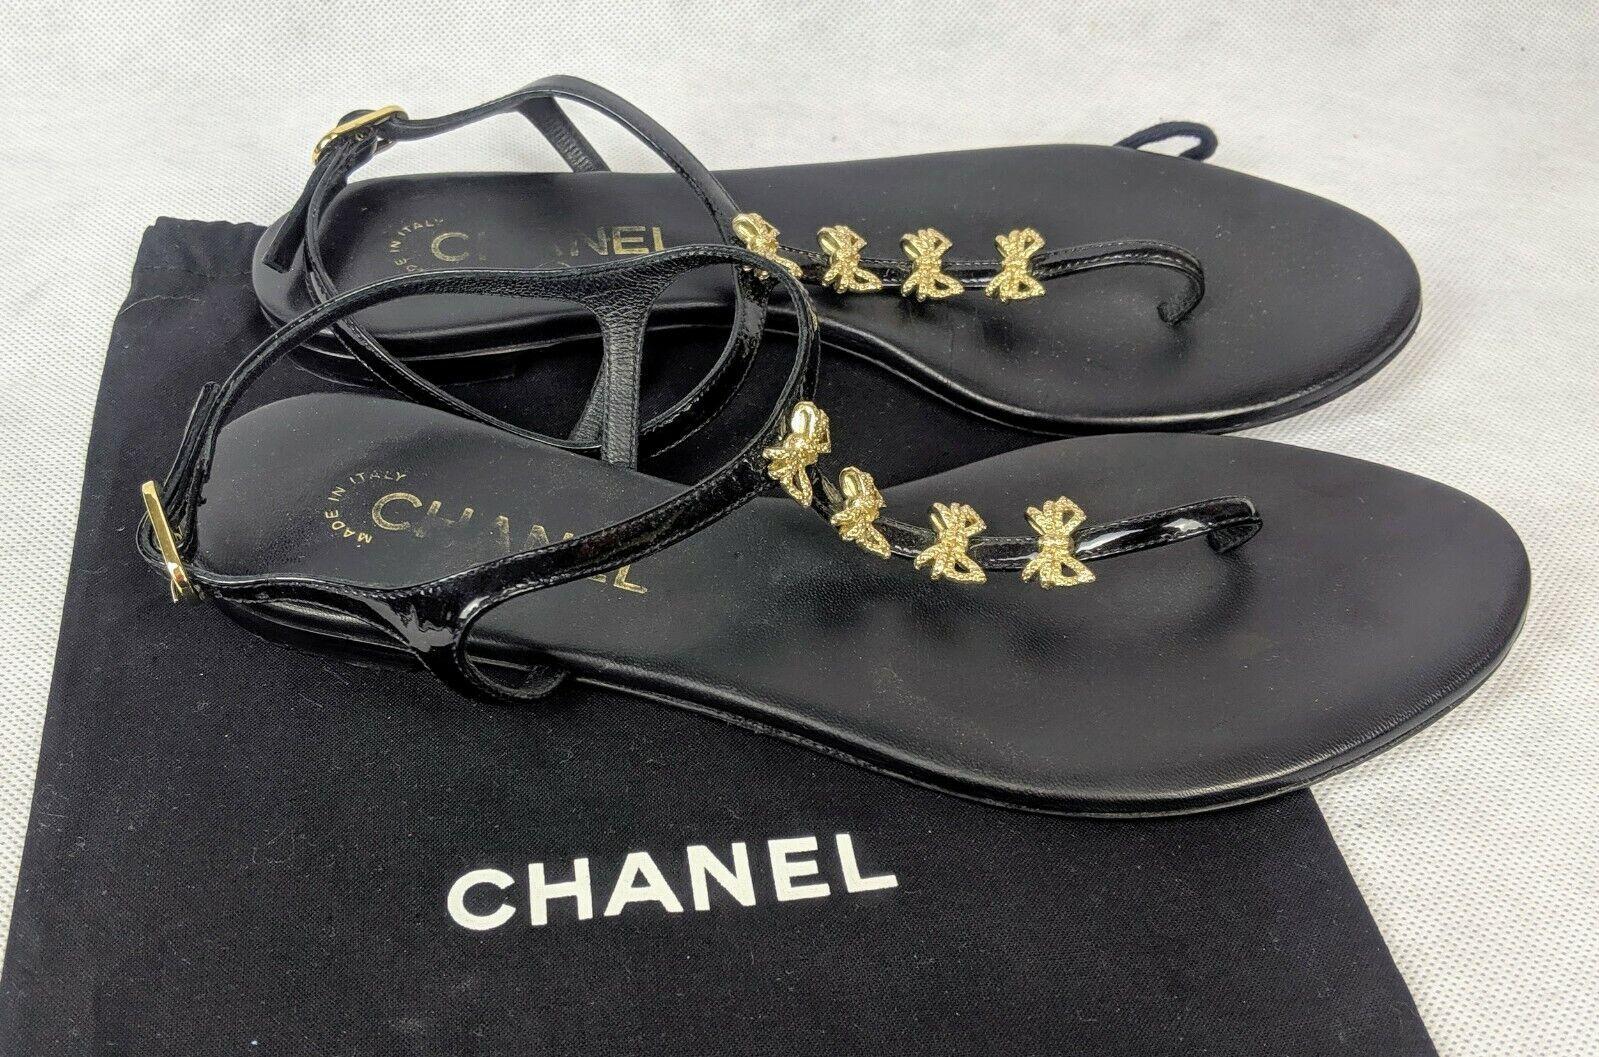 100% Autentico CHANAEL Patent  Leather Bow T -Strap Thong Sandals Dimensione 7.5   38  shopping online di moda